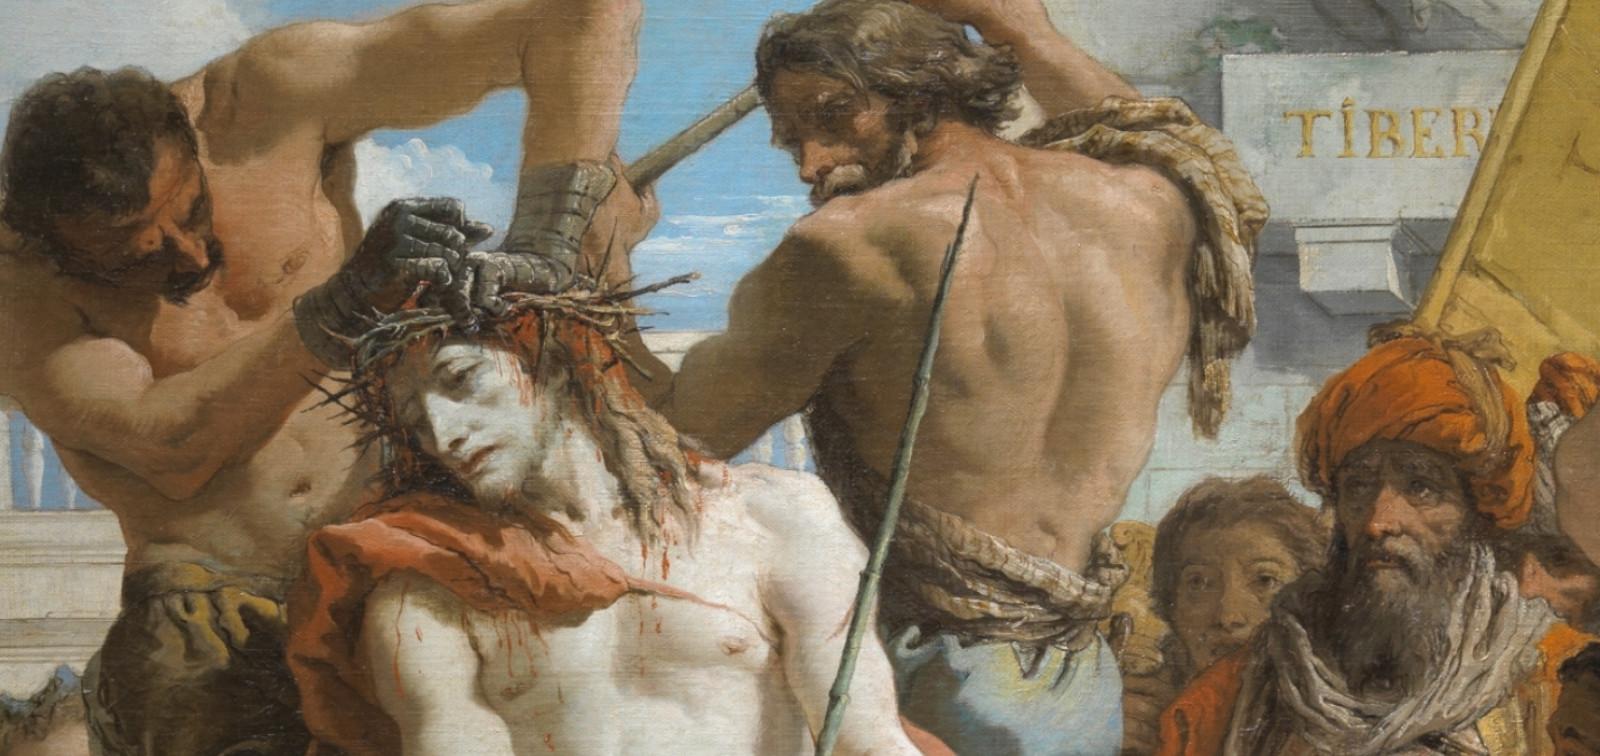 Una obra, un artista: <em>Serie de la Pasión de Cristo de San Felipe Neri</em>, de Giandomenico Tiepolo